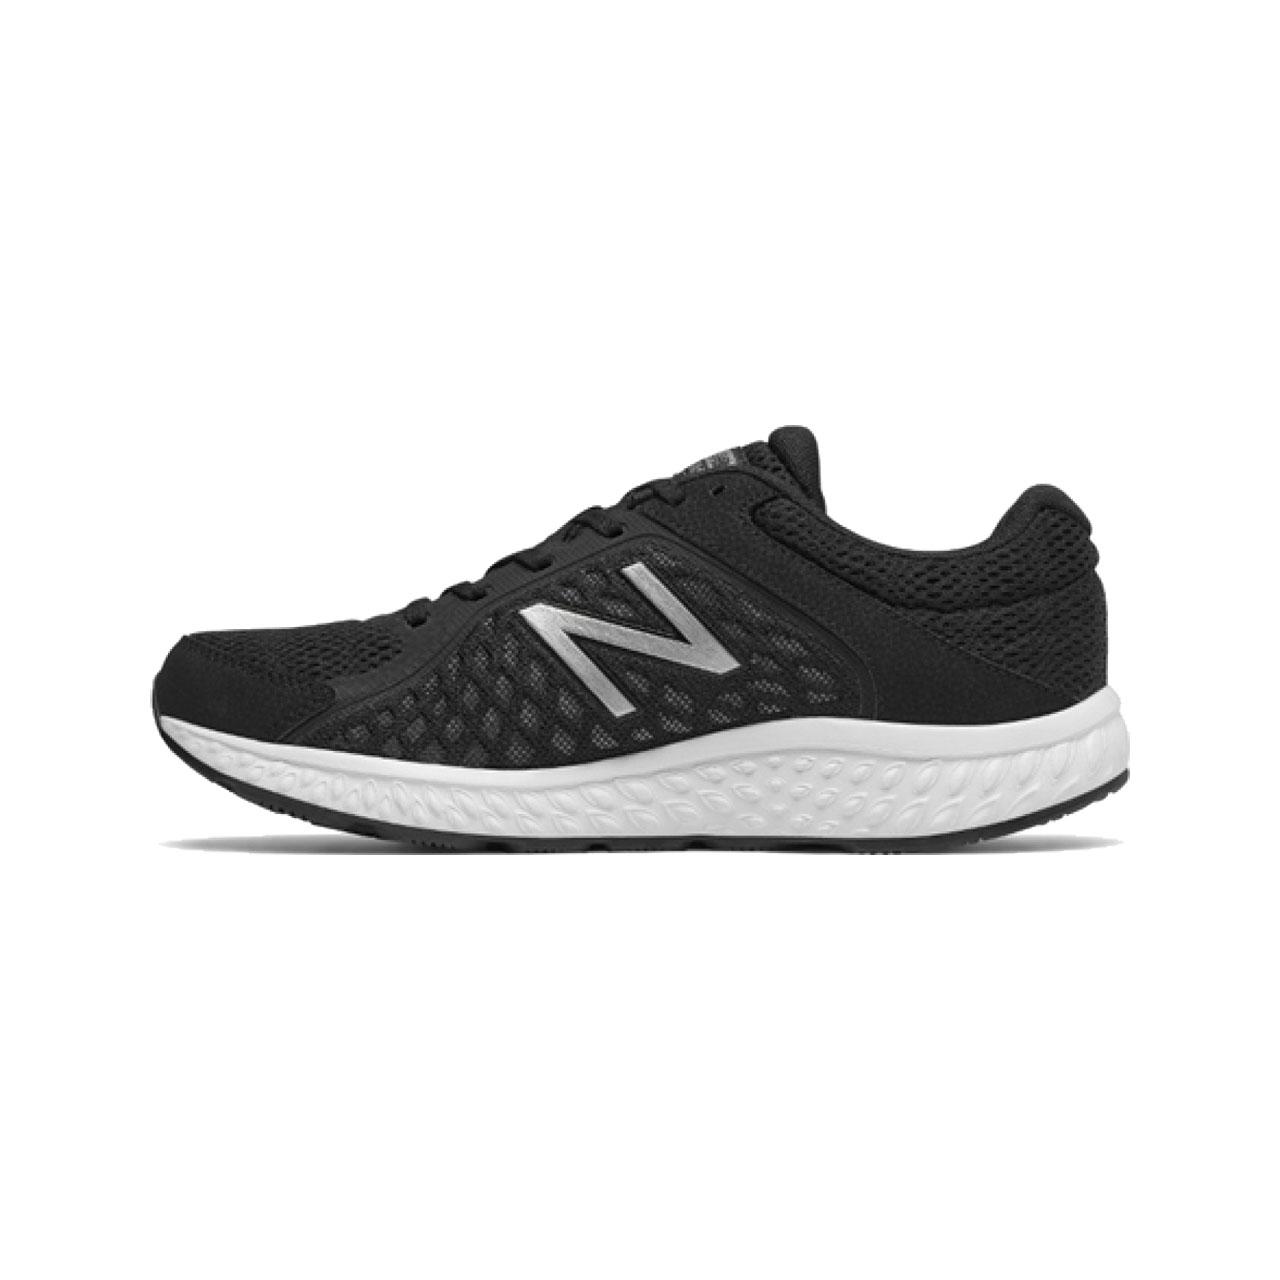 قیمت کفش مخصوص پیاده روی مردانه نیوبالانس مدل M420LK4